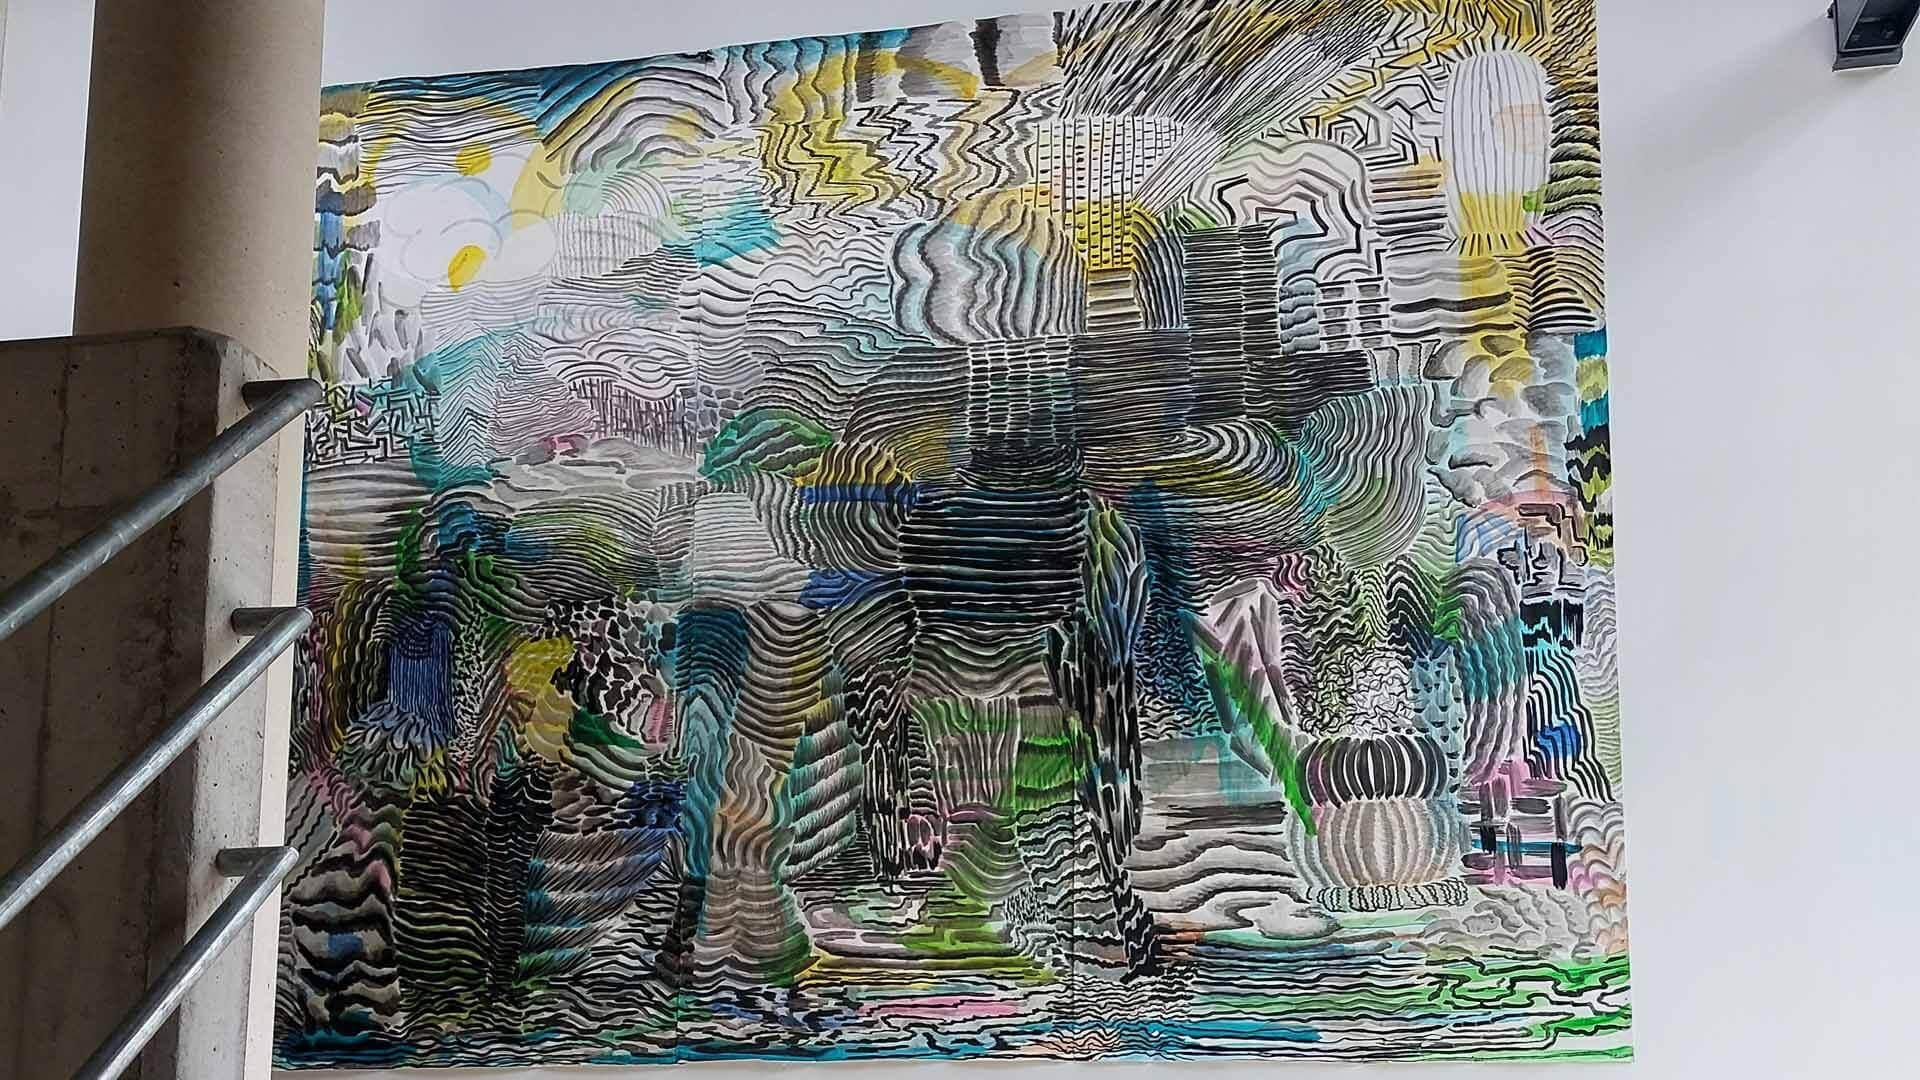 ZIN in kunst schilderij Auditorium NOG collectie Stedelijk museum schiedam